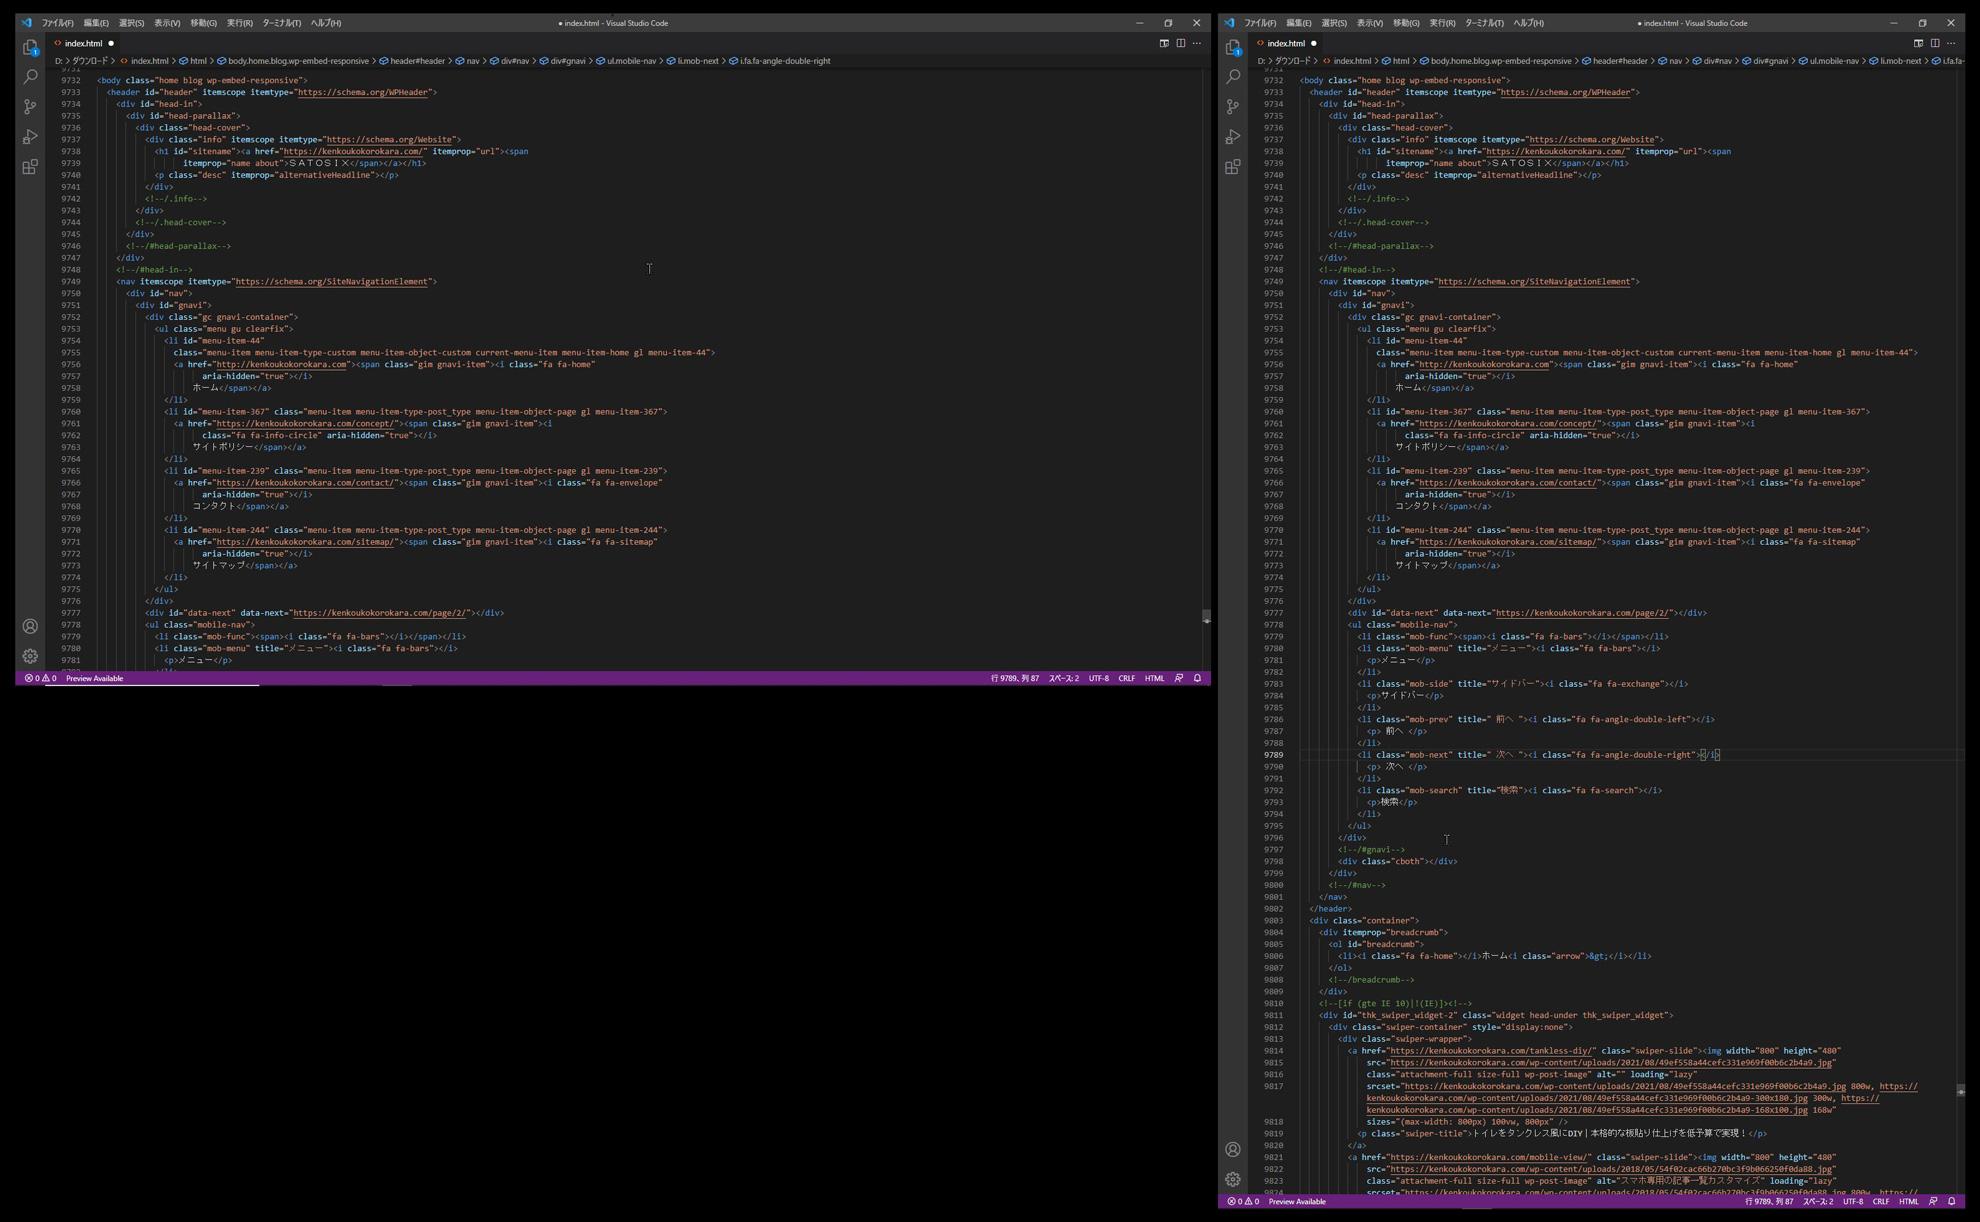 縦向きと横向き画面のコーディング用のテキストエディタ(VSC)の見え方比較